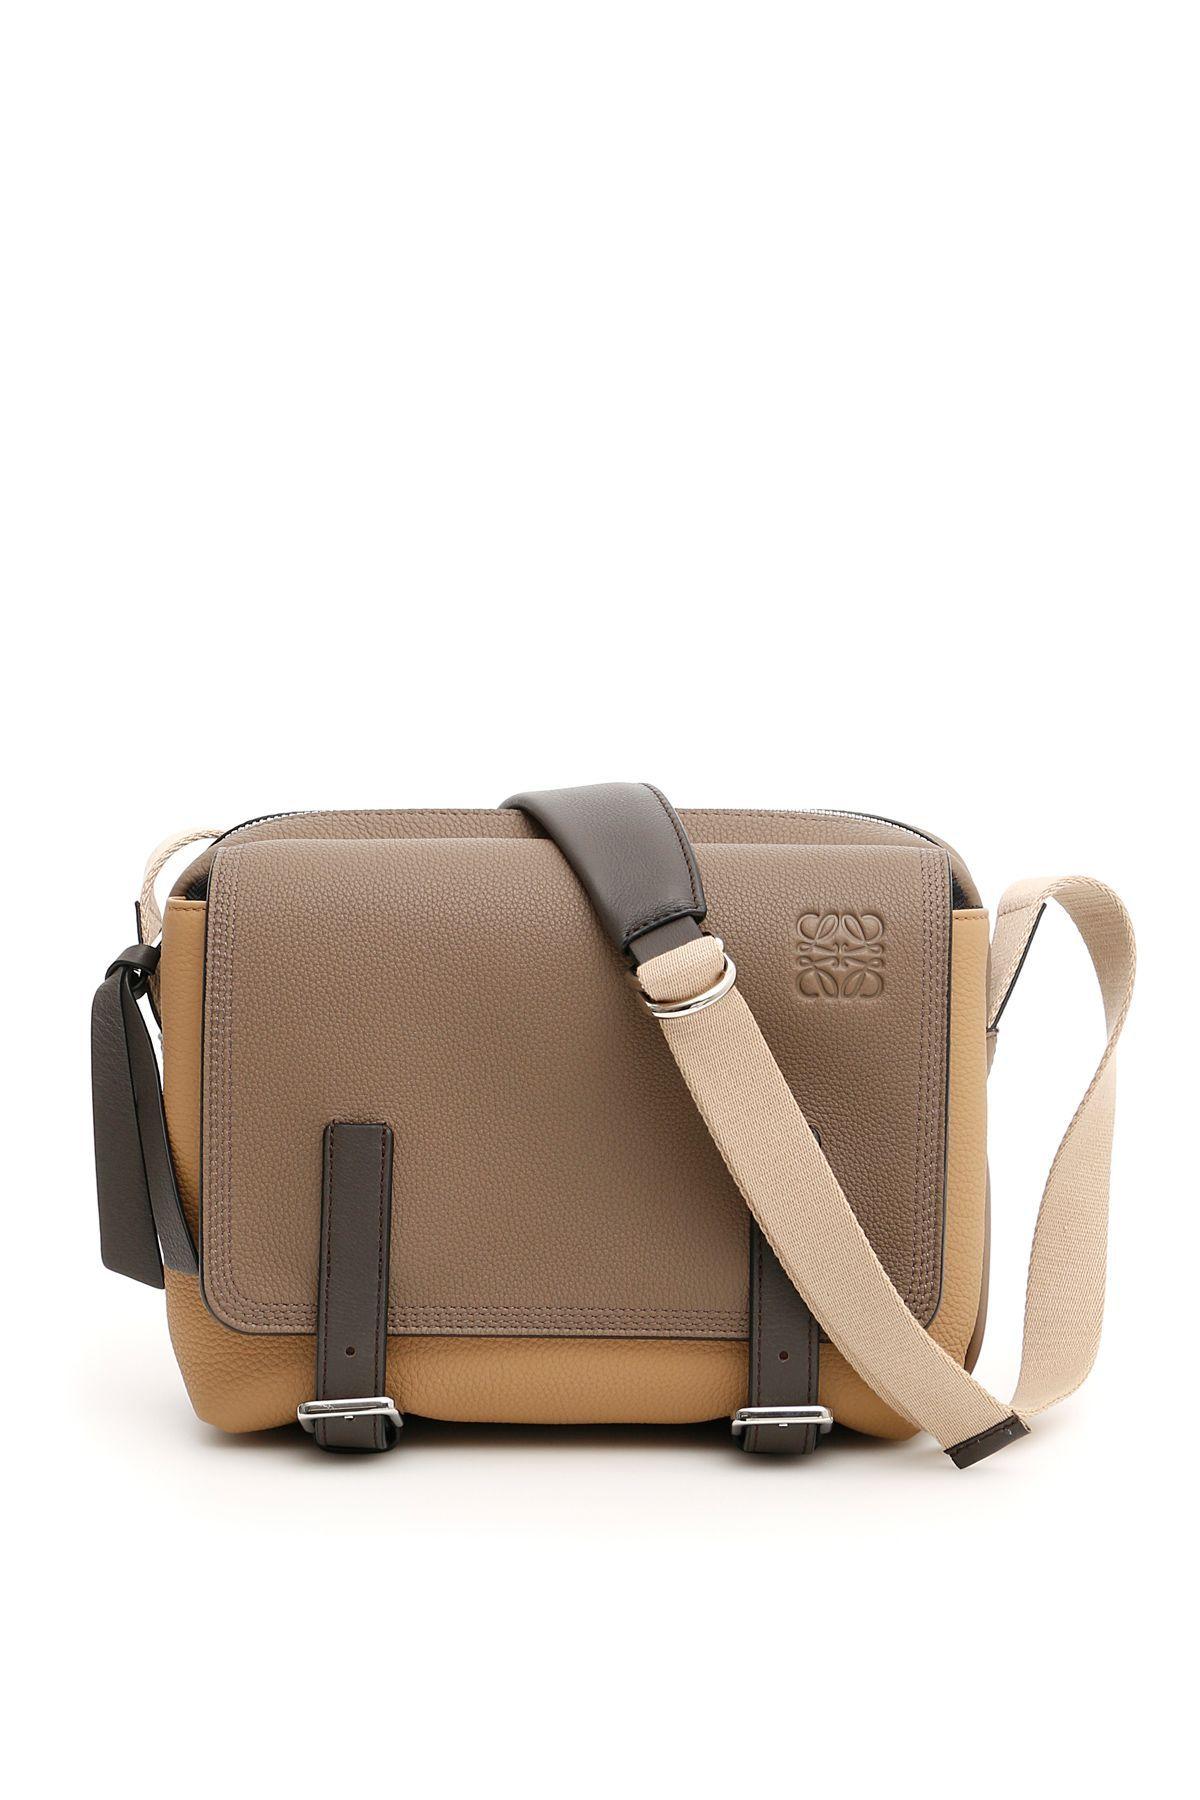 76bdb9dd9 LOEWE MILITARY MESSENGER XS. #loewe #bags #shoulder bags #leather #lining